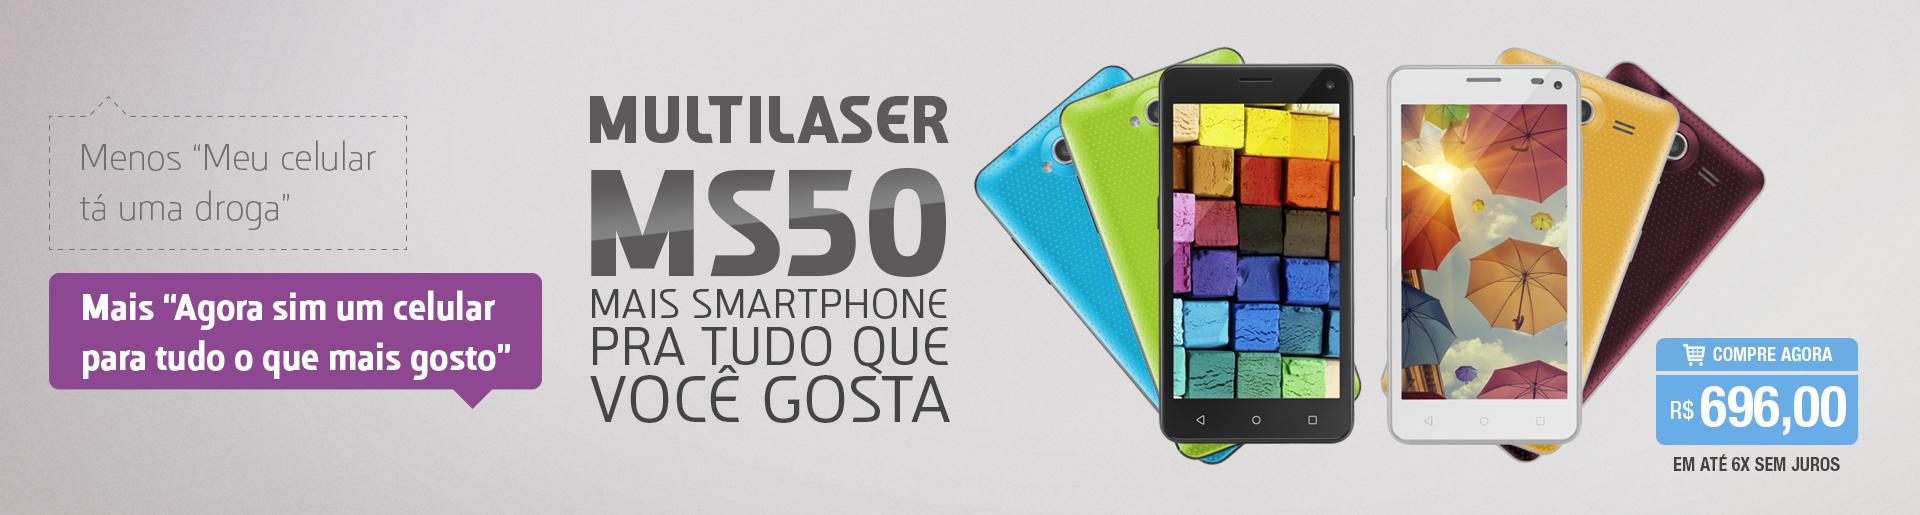 MS50_Institucional